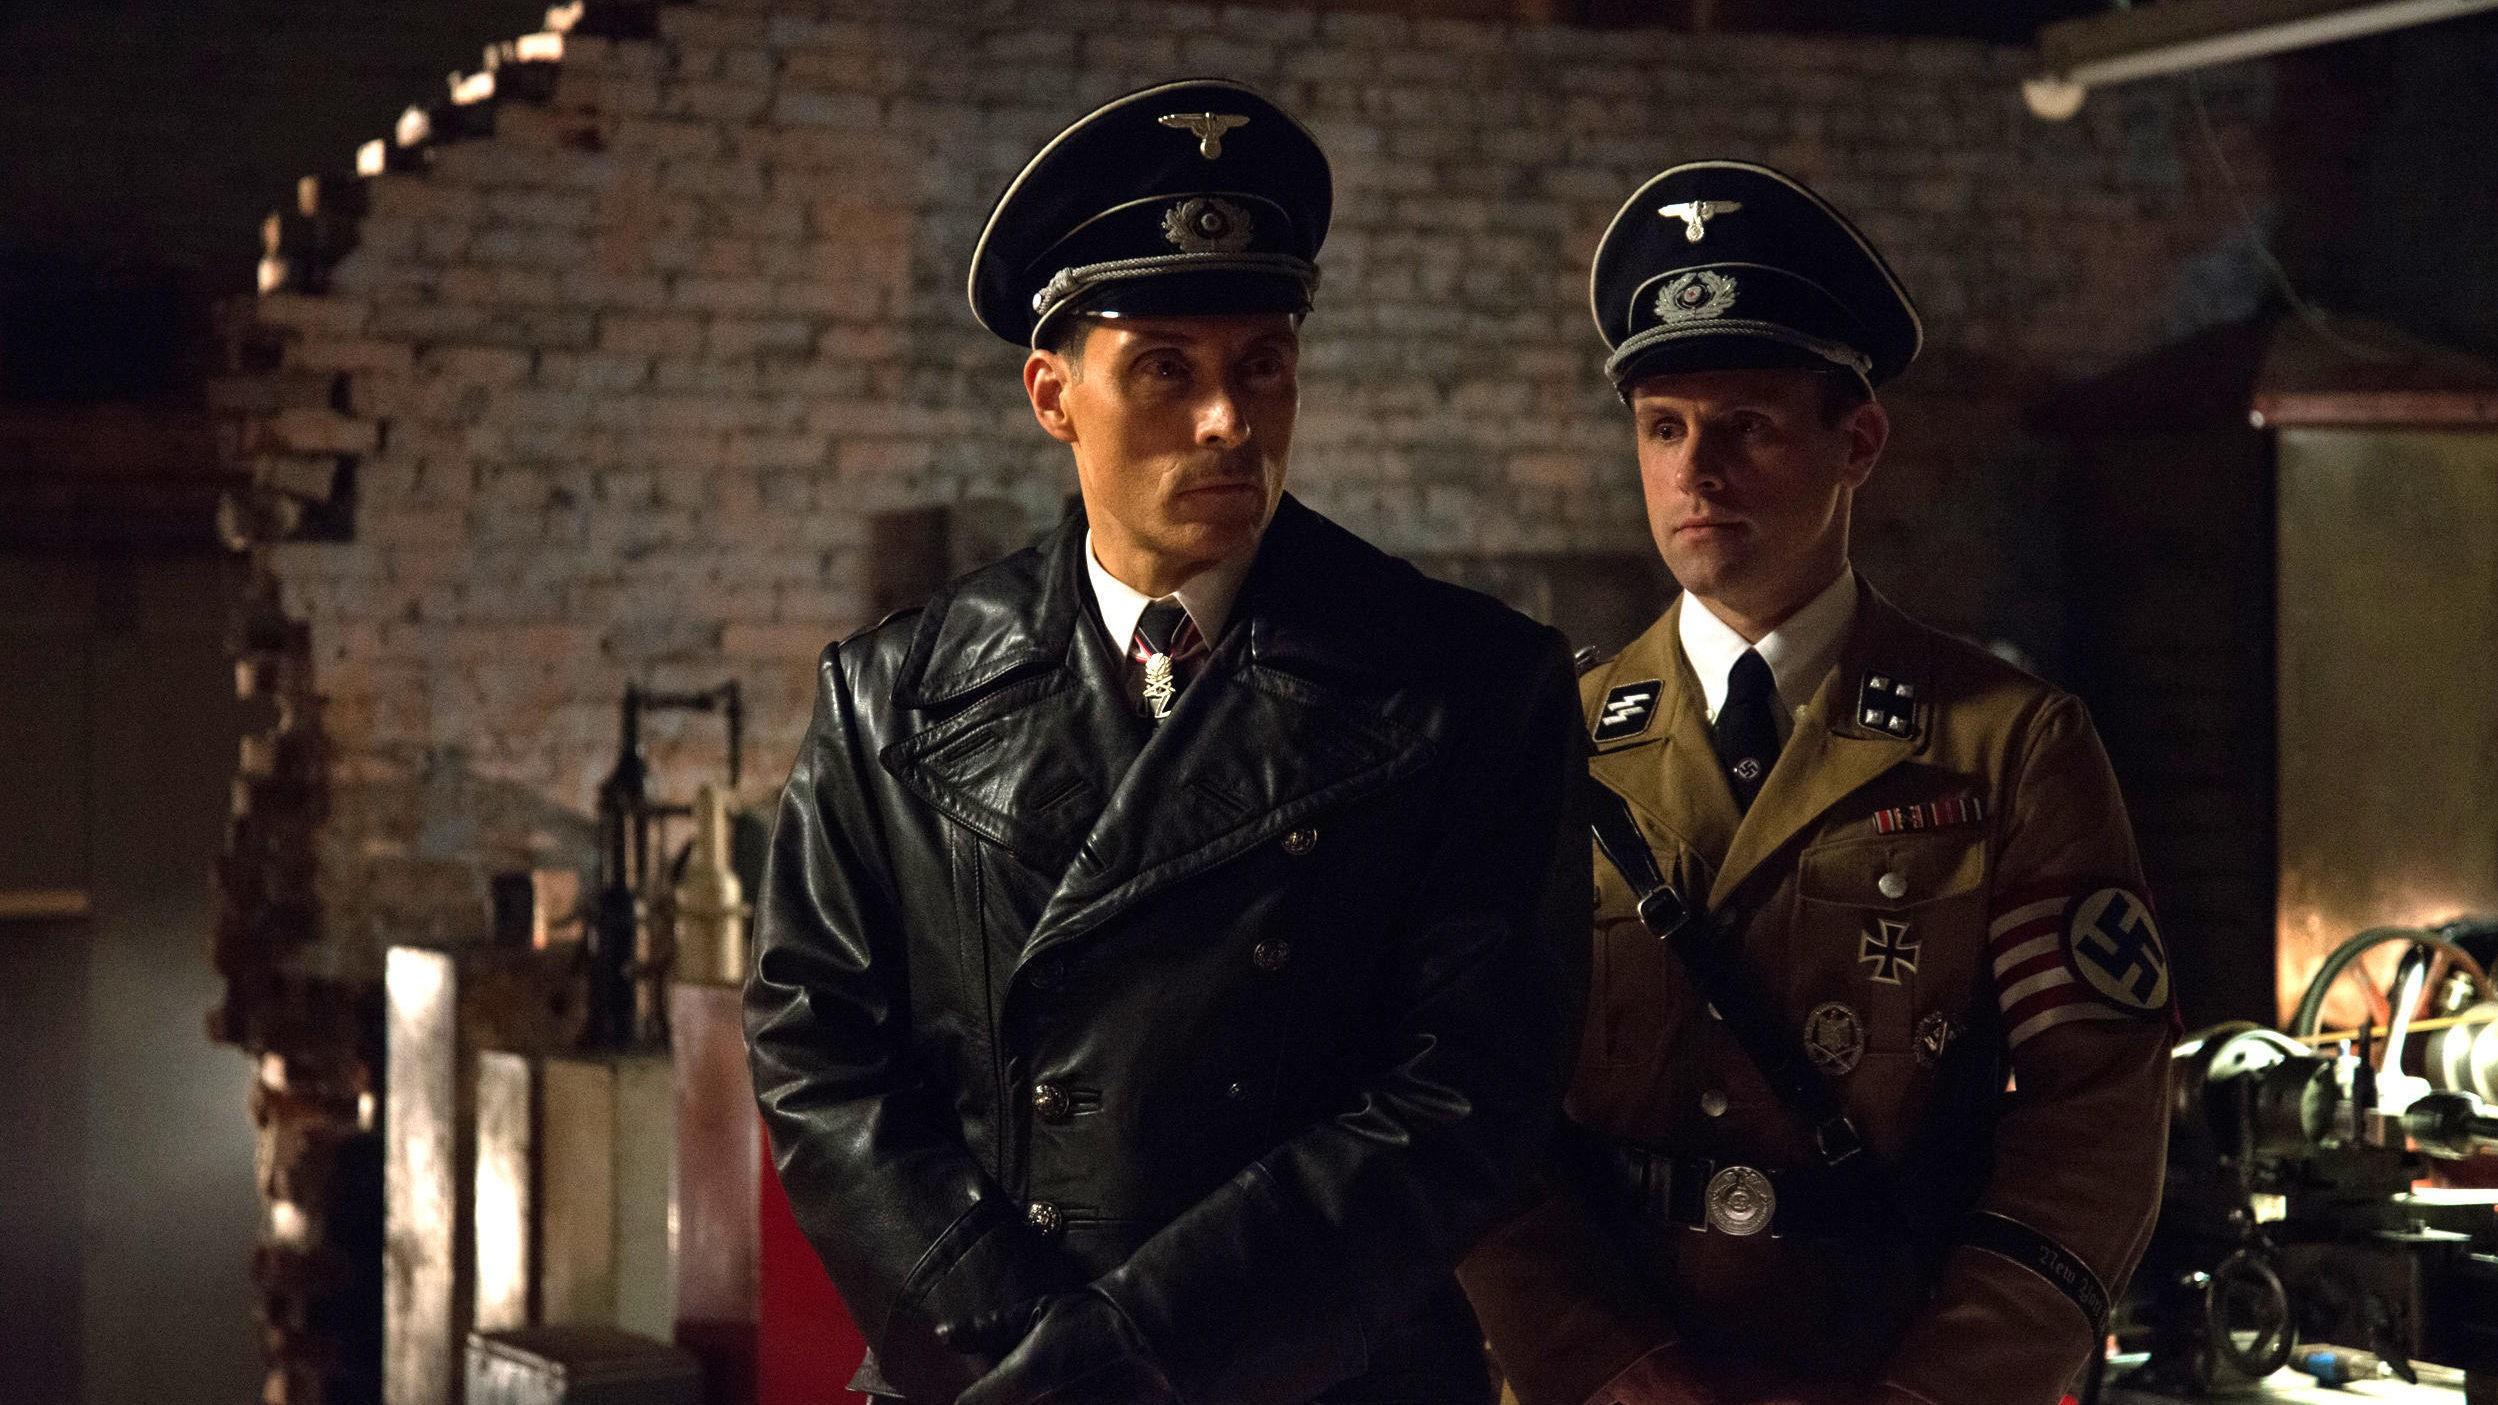 FANTASTISK SERIE: «Man in the High Castle» er en av de aller beste seriene du kan se i påsken.